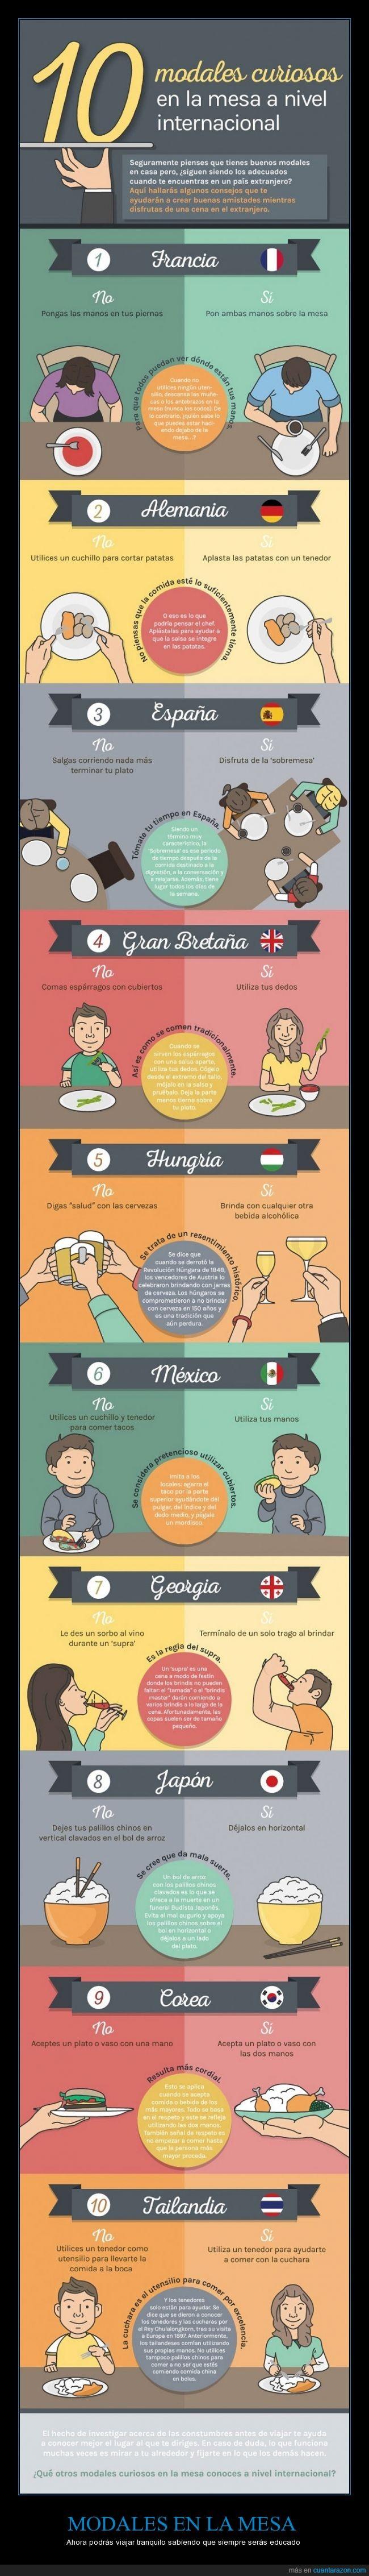 Alemania,comer,comida,Corea,educación,España,Francia,Gran Bretaña,Japón,mesa,México,modales,protocolo,Tailandia